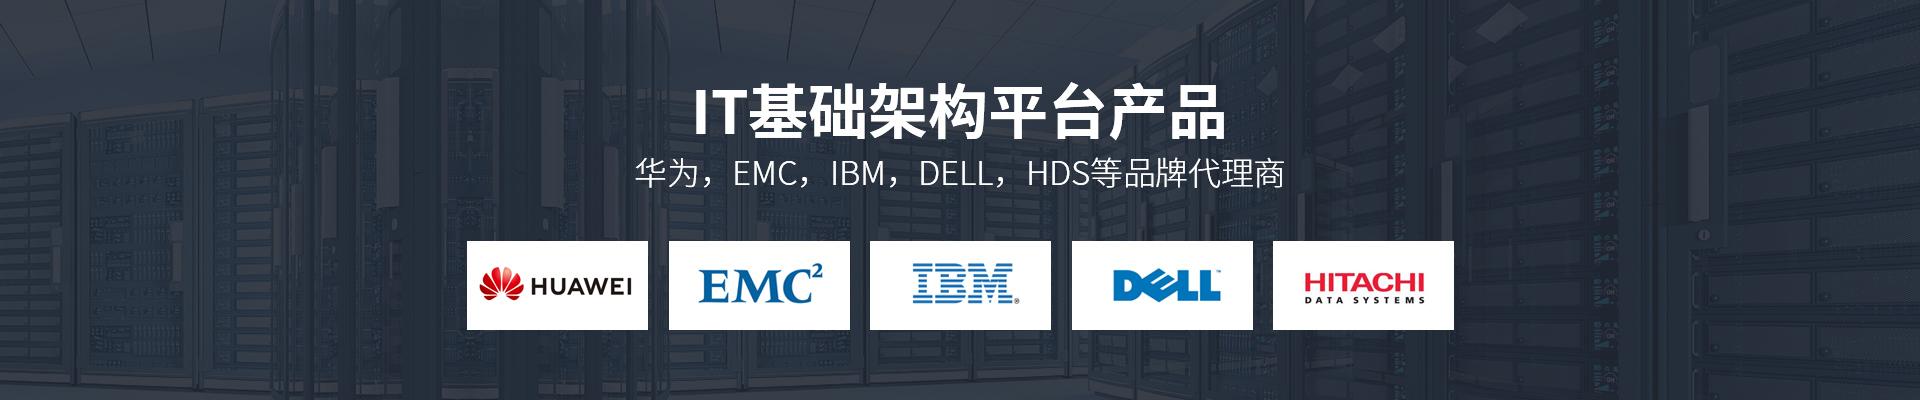 奇摩-IT基础架构平台产品